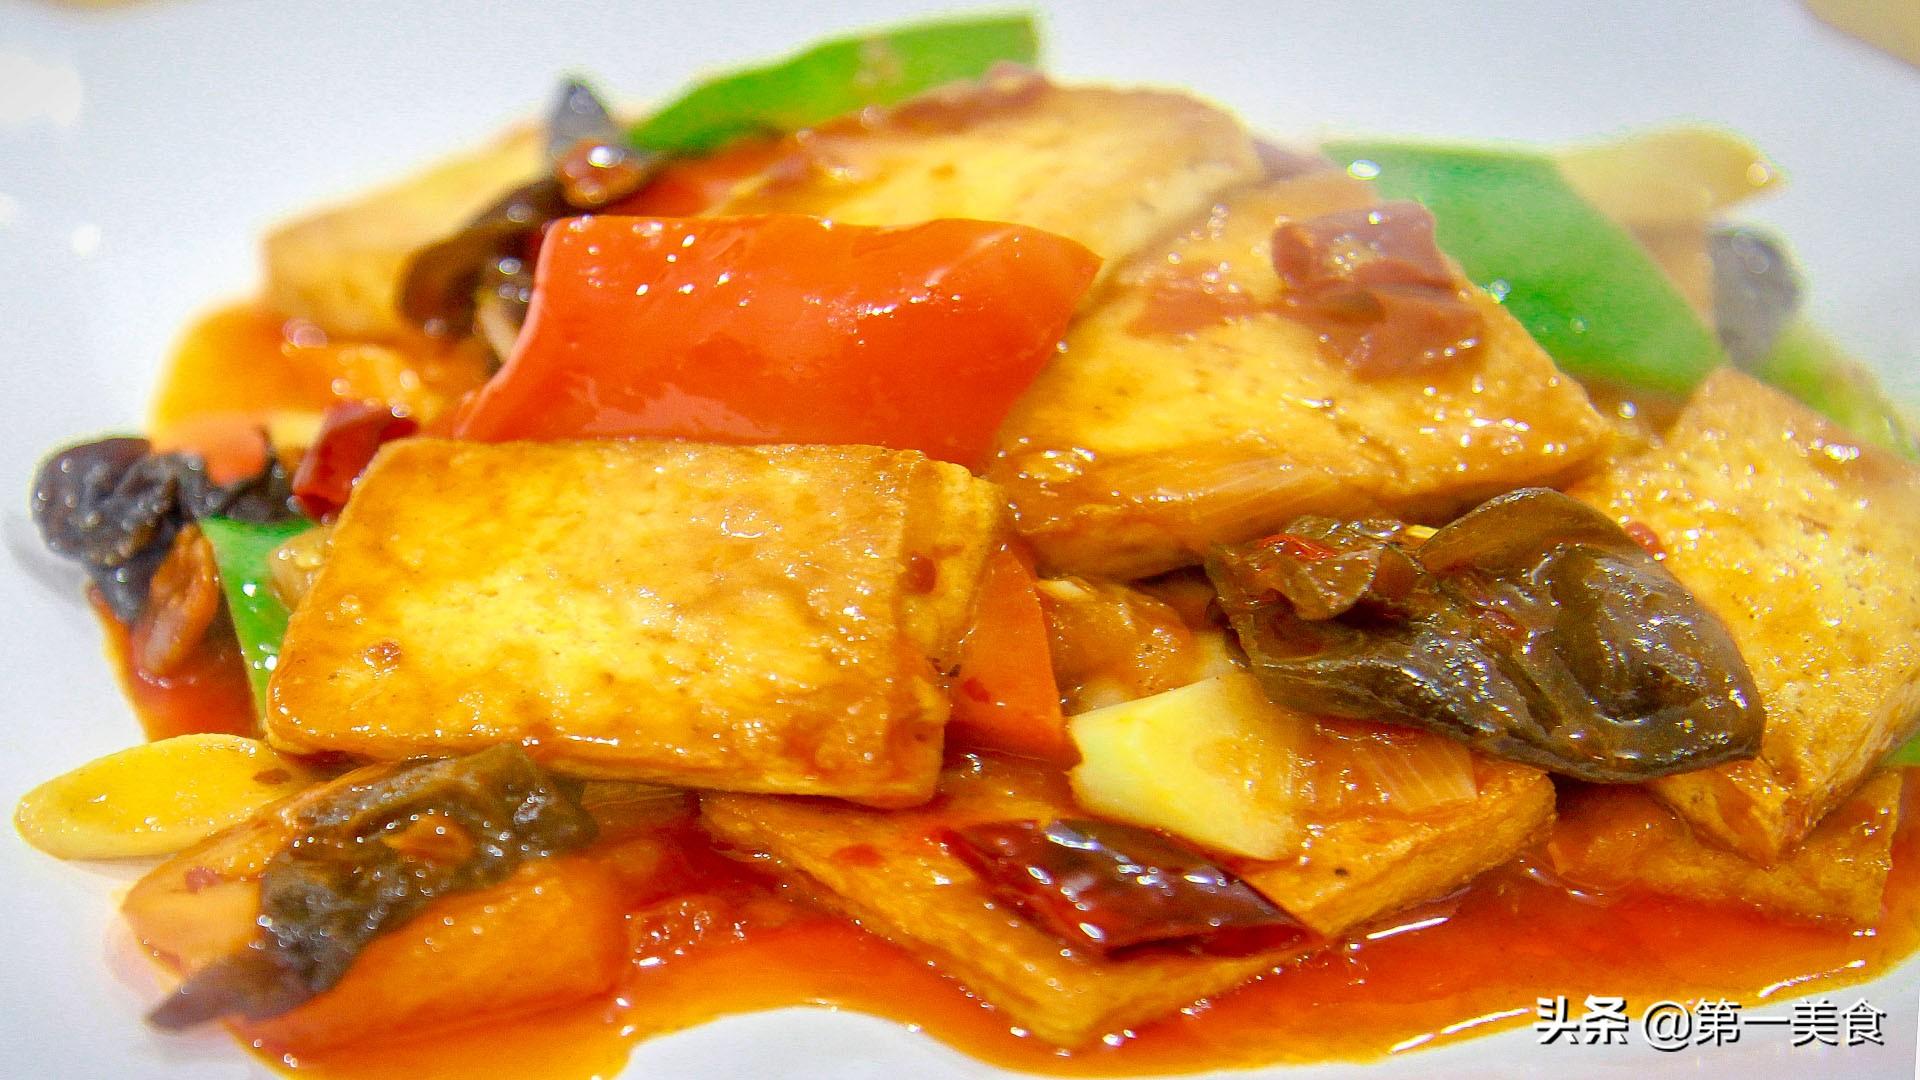 家常豆腐掌握做法 这两个技巧 豆腐不粘锅色泽鲜艳